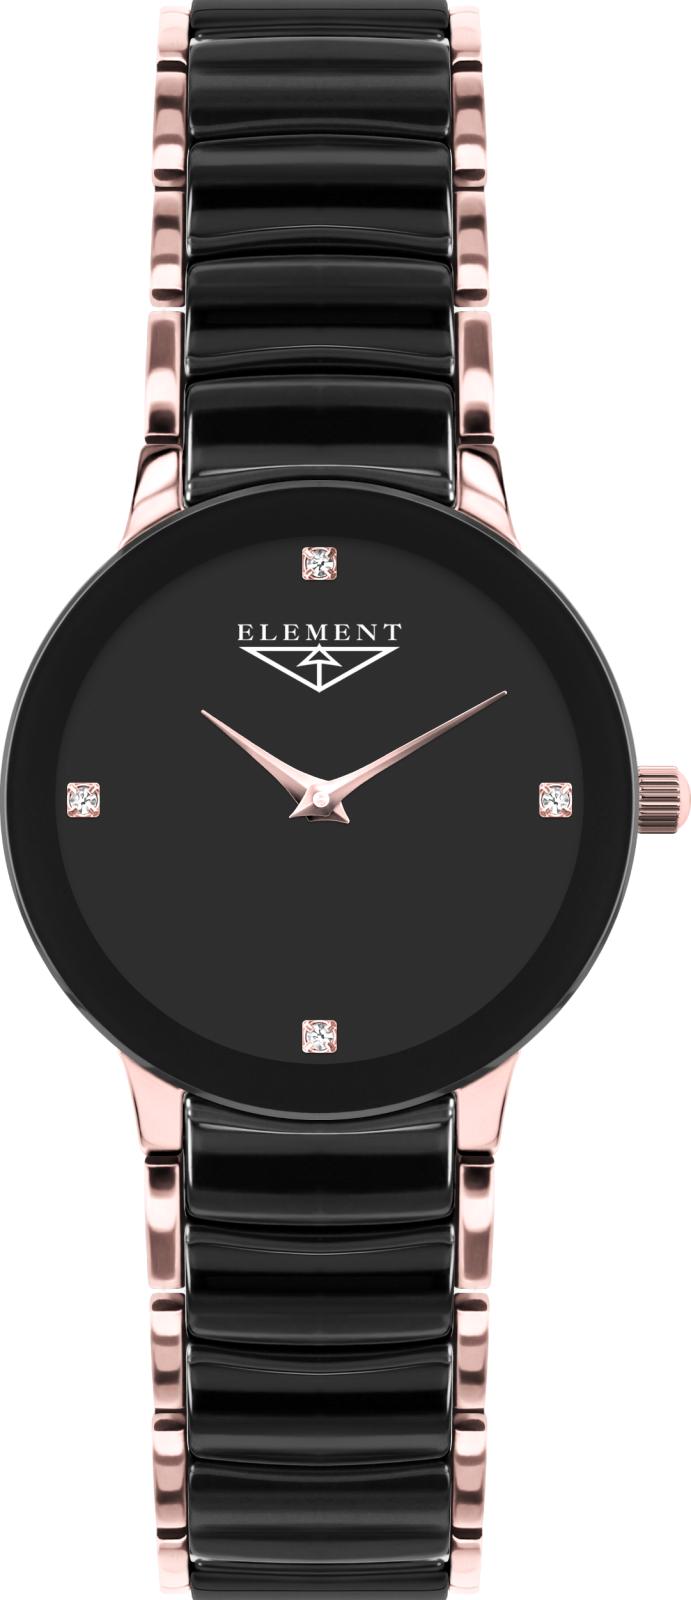 33 Element 2014-керамика 331422CНаручные часы<br>Литовские часы 33 Element 2014-керамика 331422C<br><br>Для кого?: Женские<br>Страна-производитель: Литва<br>Механизм: Кварцевый<br>Материал корпуса: Сталь<br>Материал ремня/браслета: Сталь+керамика<br>Водозащита, диапазон: 20 - 100 м<br>Стекло: Сапфировое<br>Толщина корпуса: None<br>Стиль: Классика